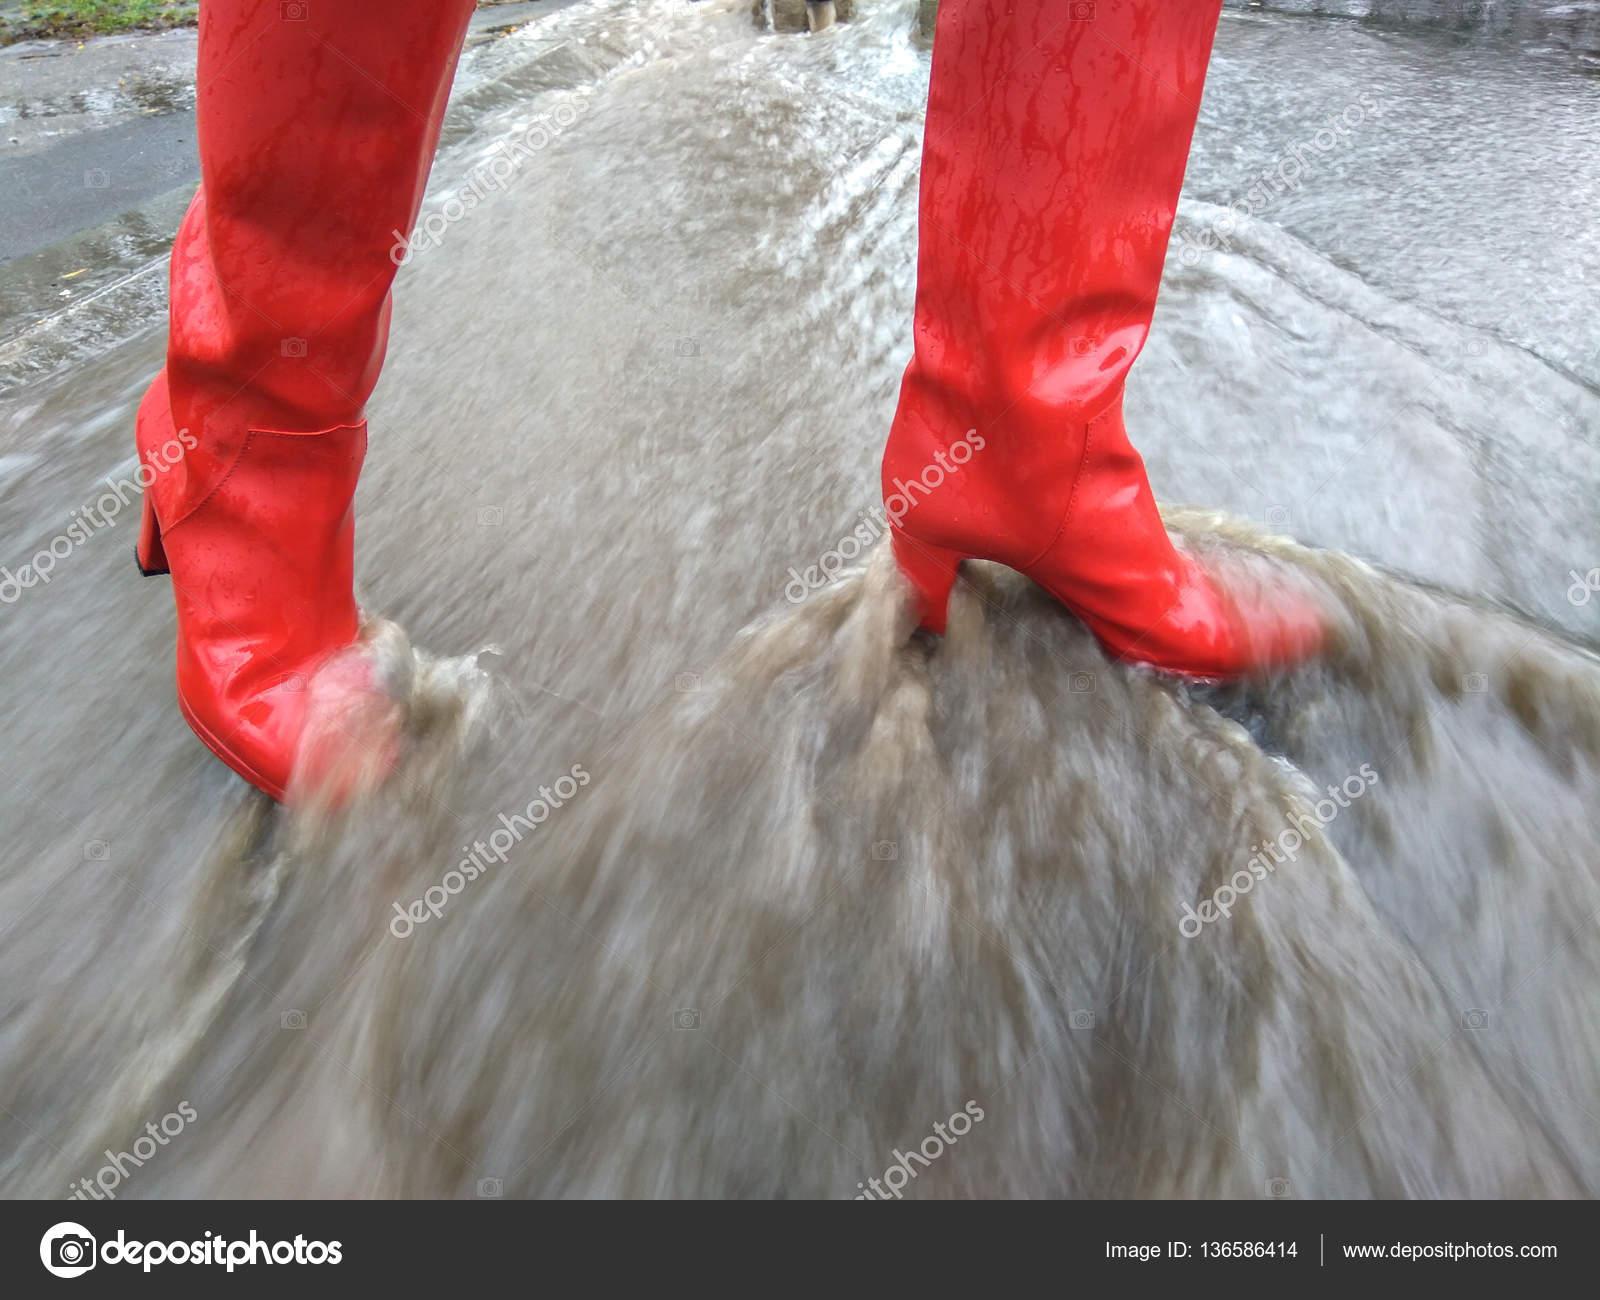 In Laarzen Een Regenachtige Meisje Hoge Rubber Hak Dag FKJ1cl